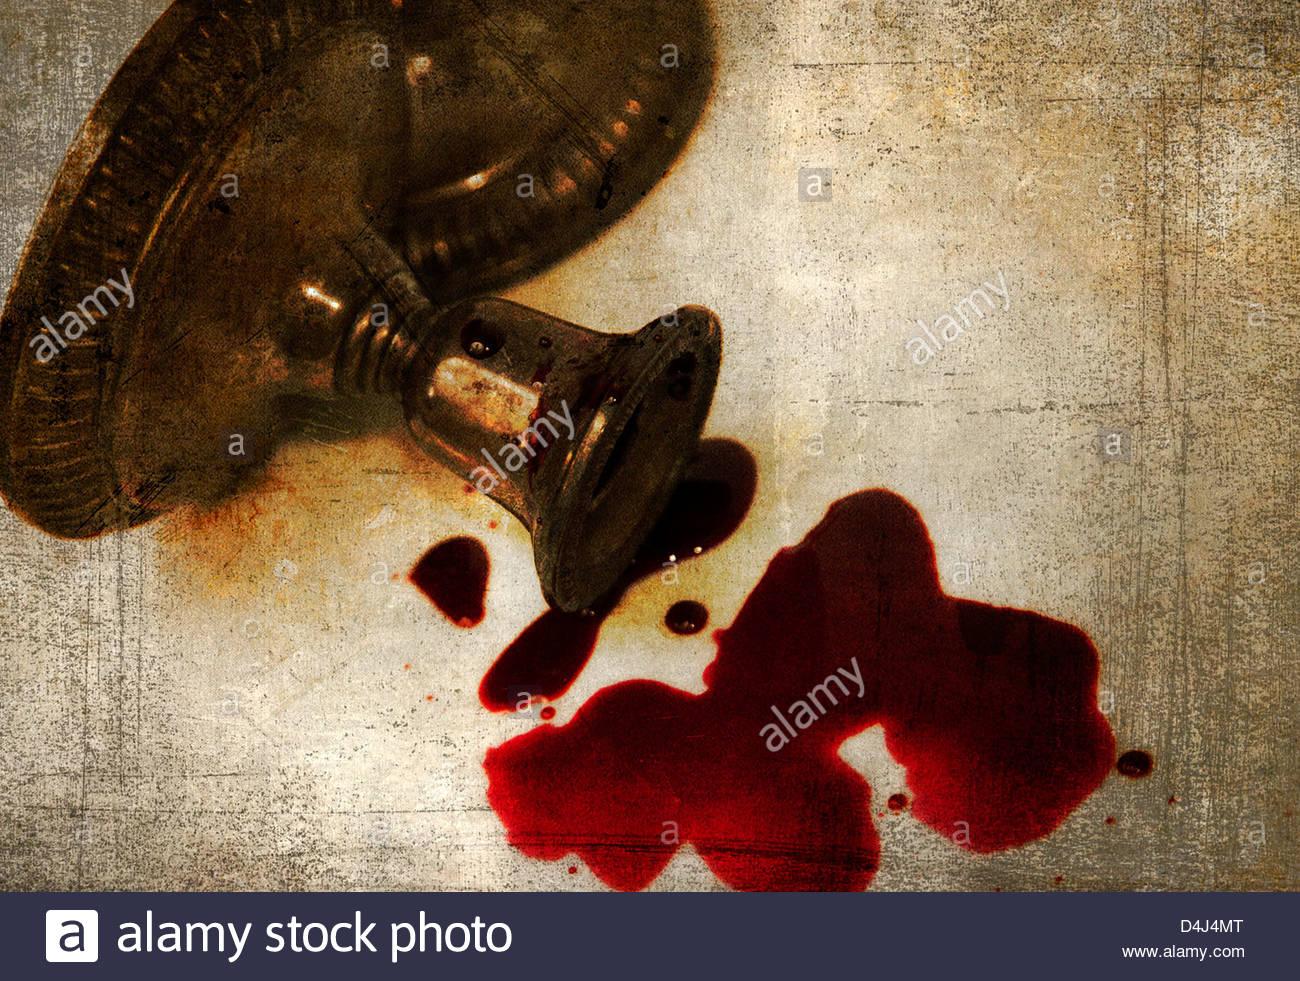 Silber Leuchter auf seiner Seite, die mit Blut bedeckt Stockbild